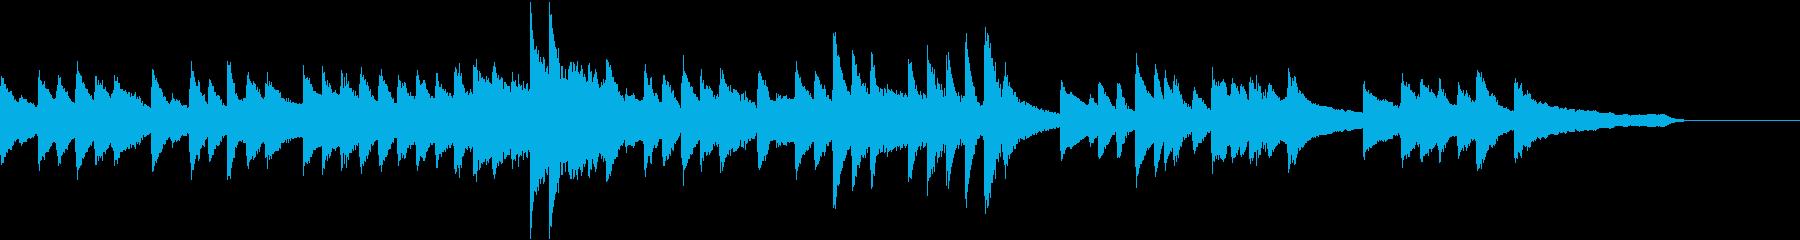 祭囃子を入れた夏のバラードピアノジングルの再生済みの波形